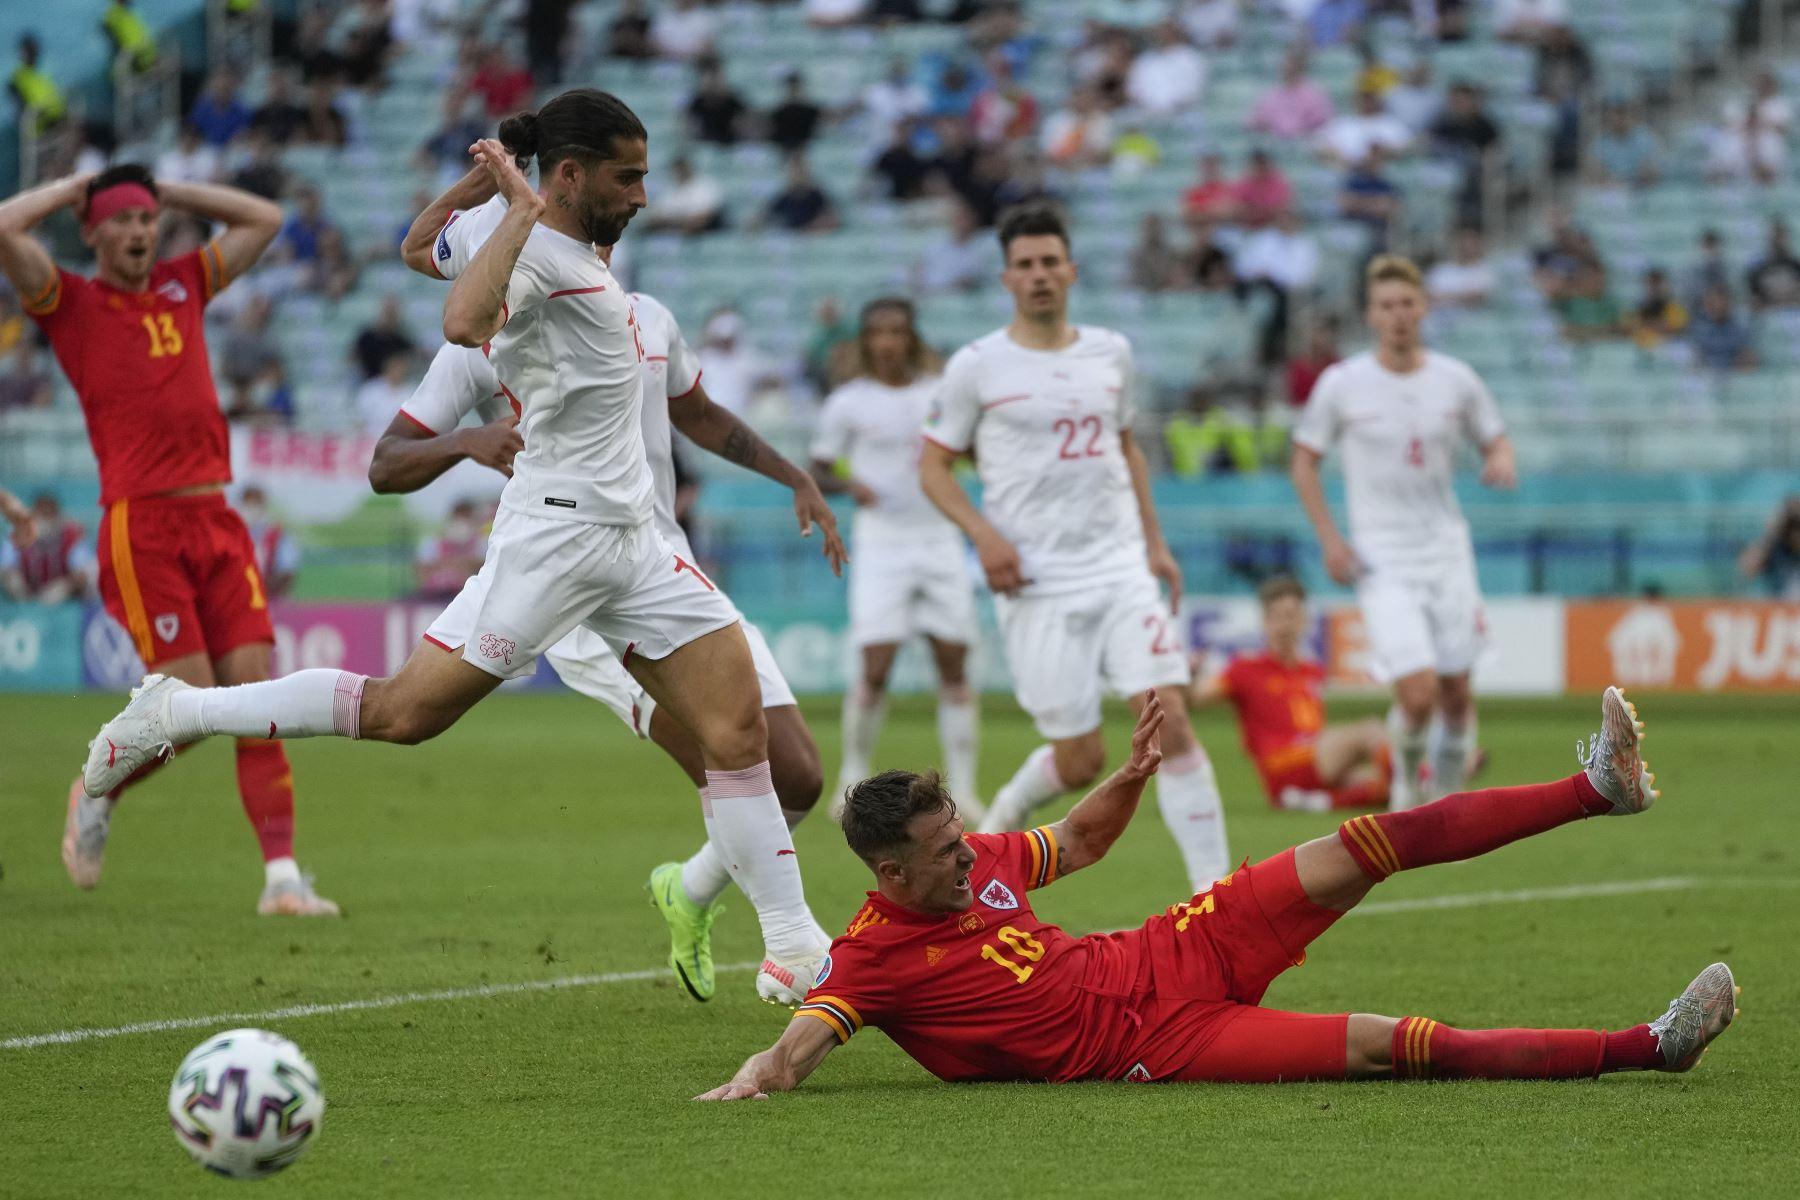 El centrocampista de Gales Aaron Ramsey cae cuando es marcado por el defensor suizo Ricardo Rodríguez durante el partido de fútbol del Grupo A de la UEFA EURO 2020 entre Gales y Suiza en el Estadio Olímpico de Bakú. Foto: AFP